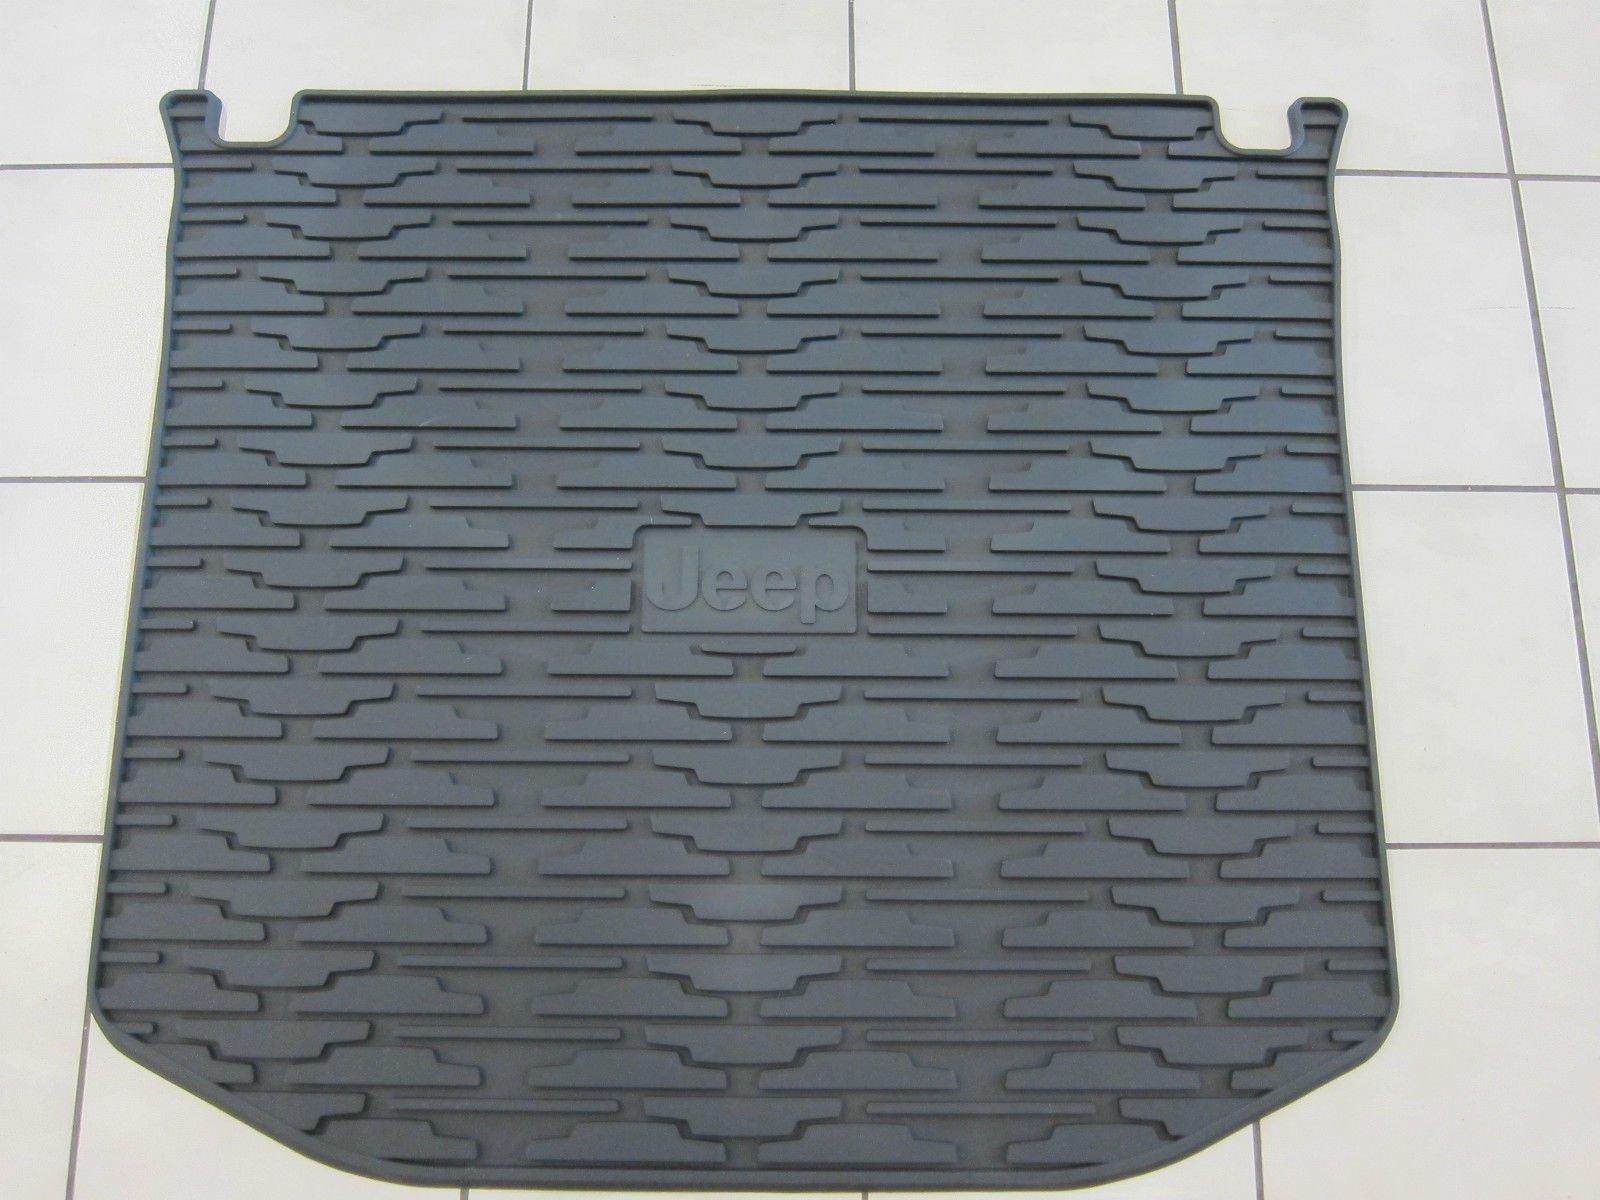 Jeep Grand Cherokee Rubber Slush Floor Mats & Cargo Tray Liner Set Mopar by Mopar (Image #5)